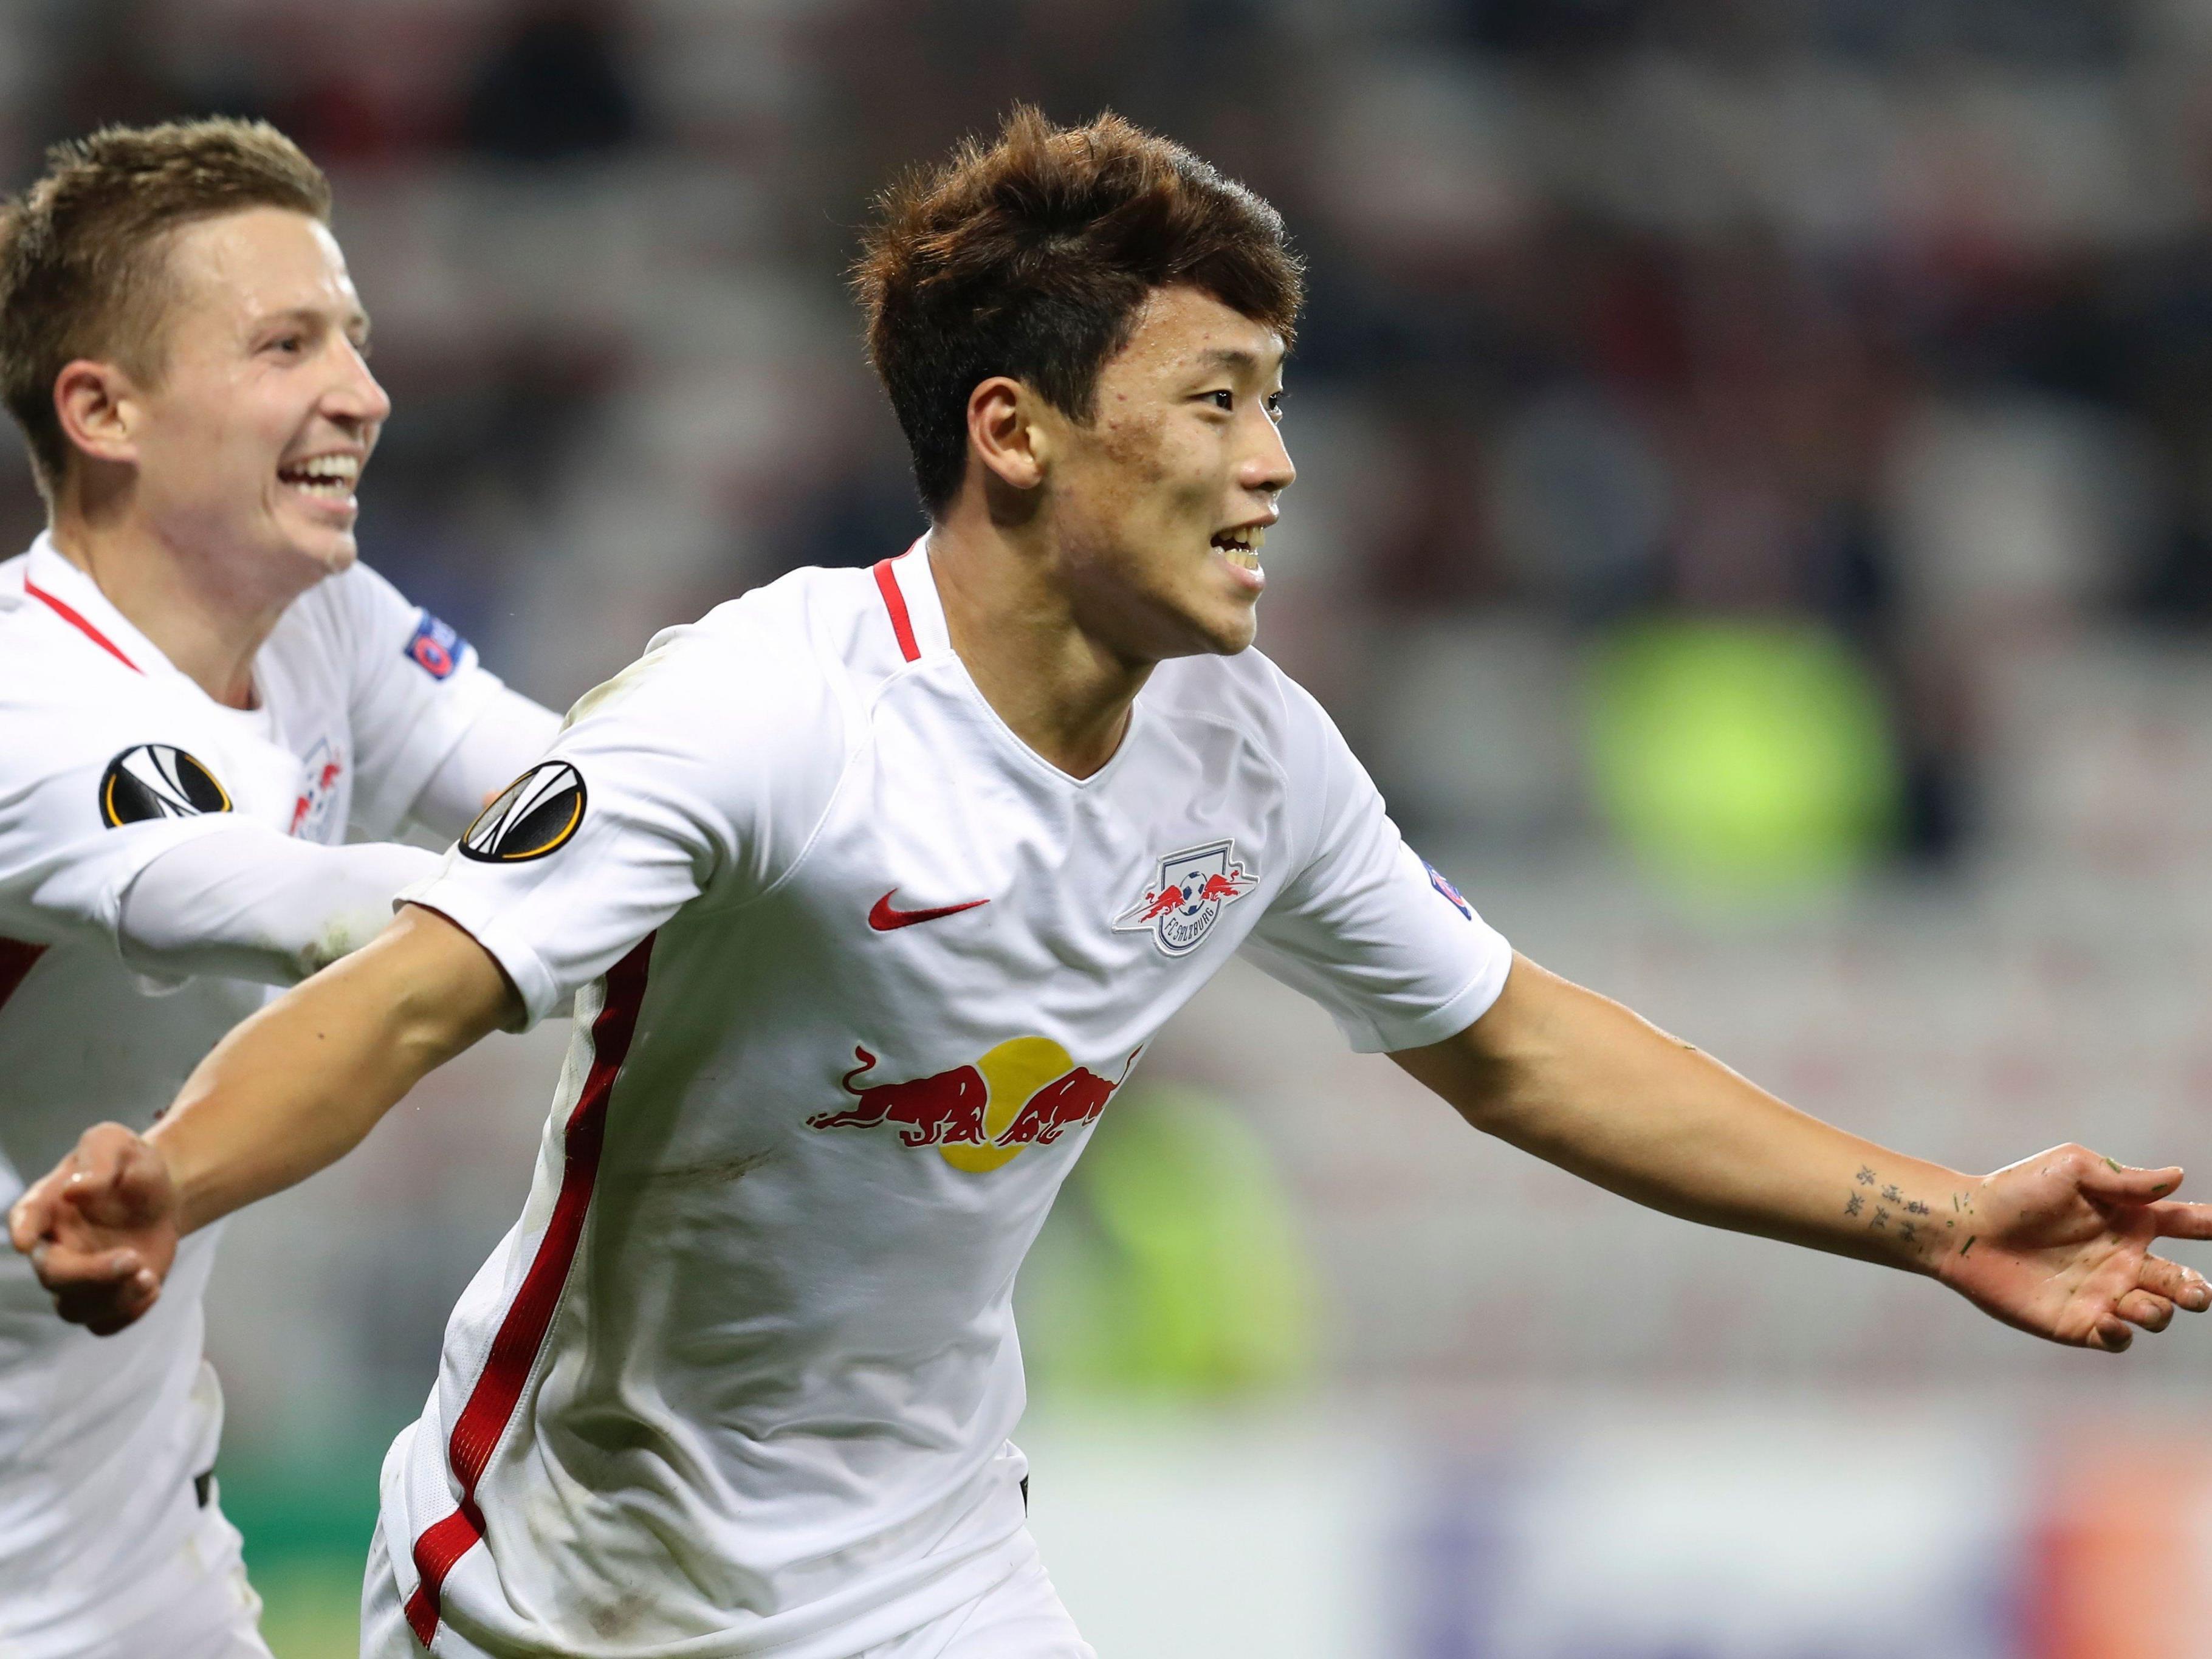 Hwang schoss Salzburg mit zwei Treffern zum Sieg.